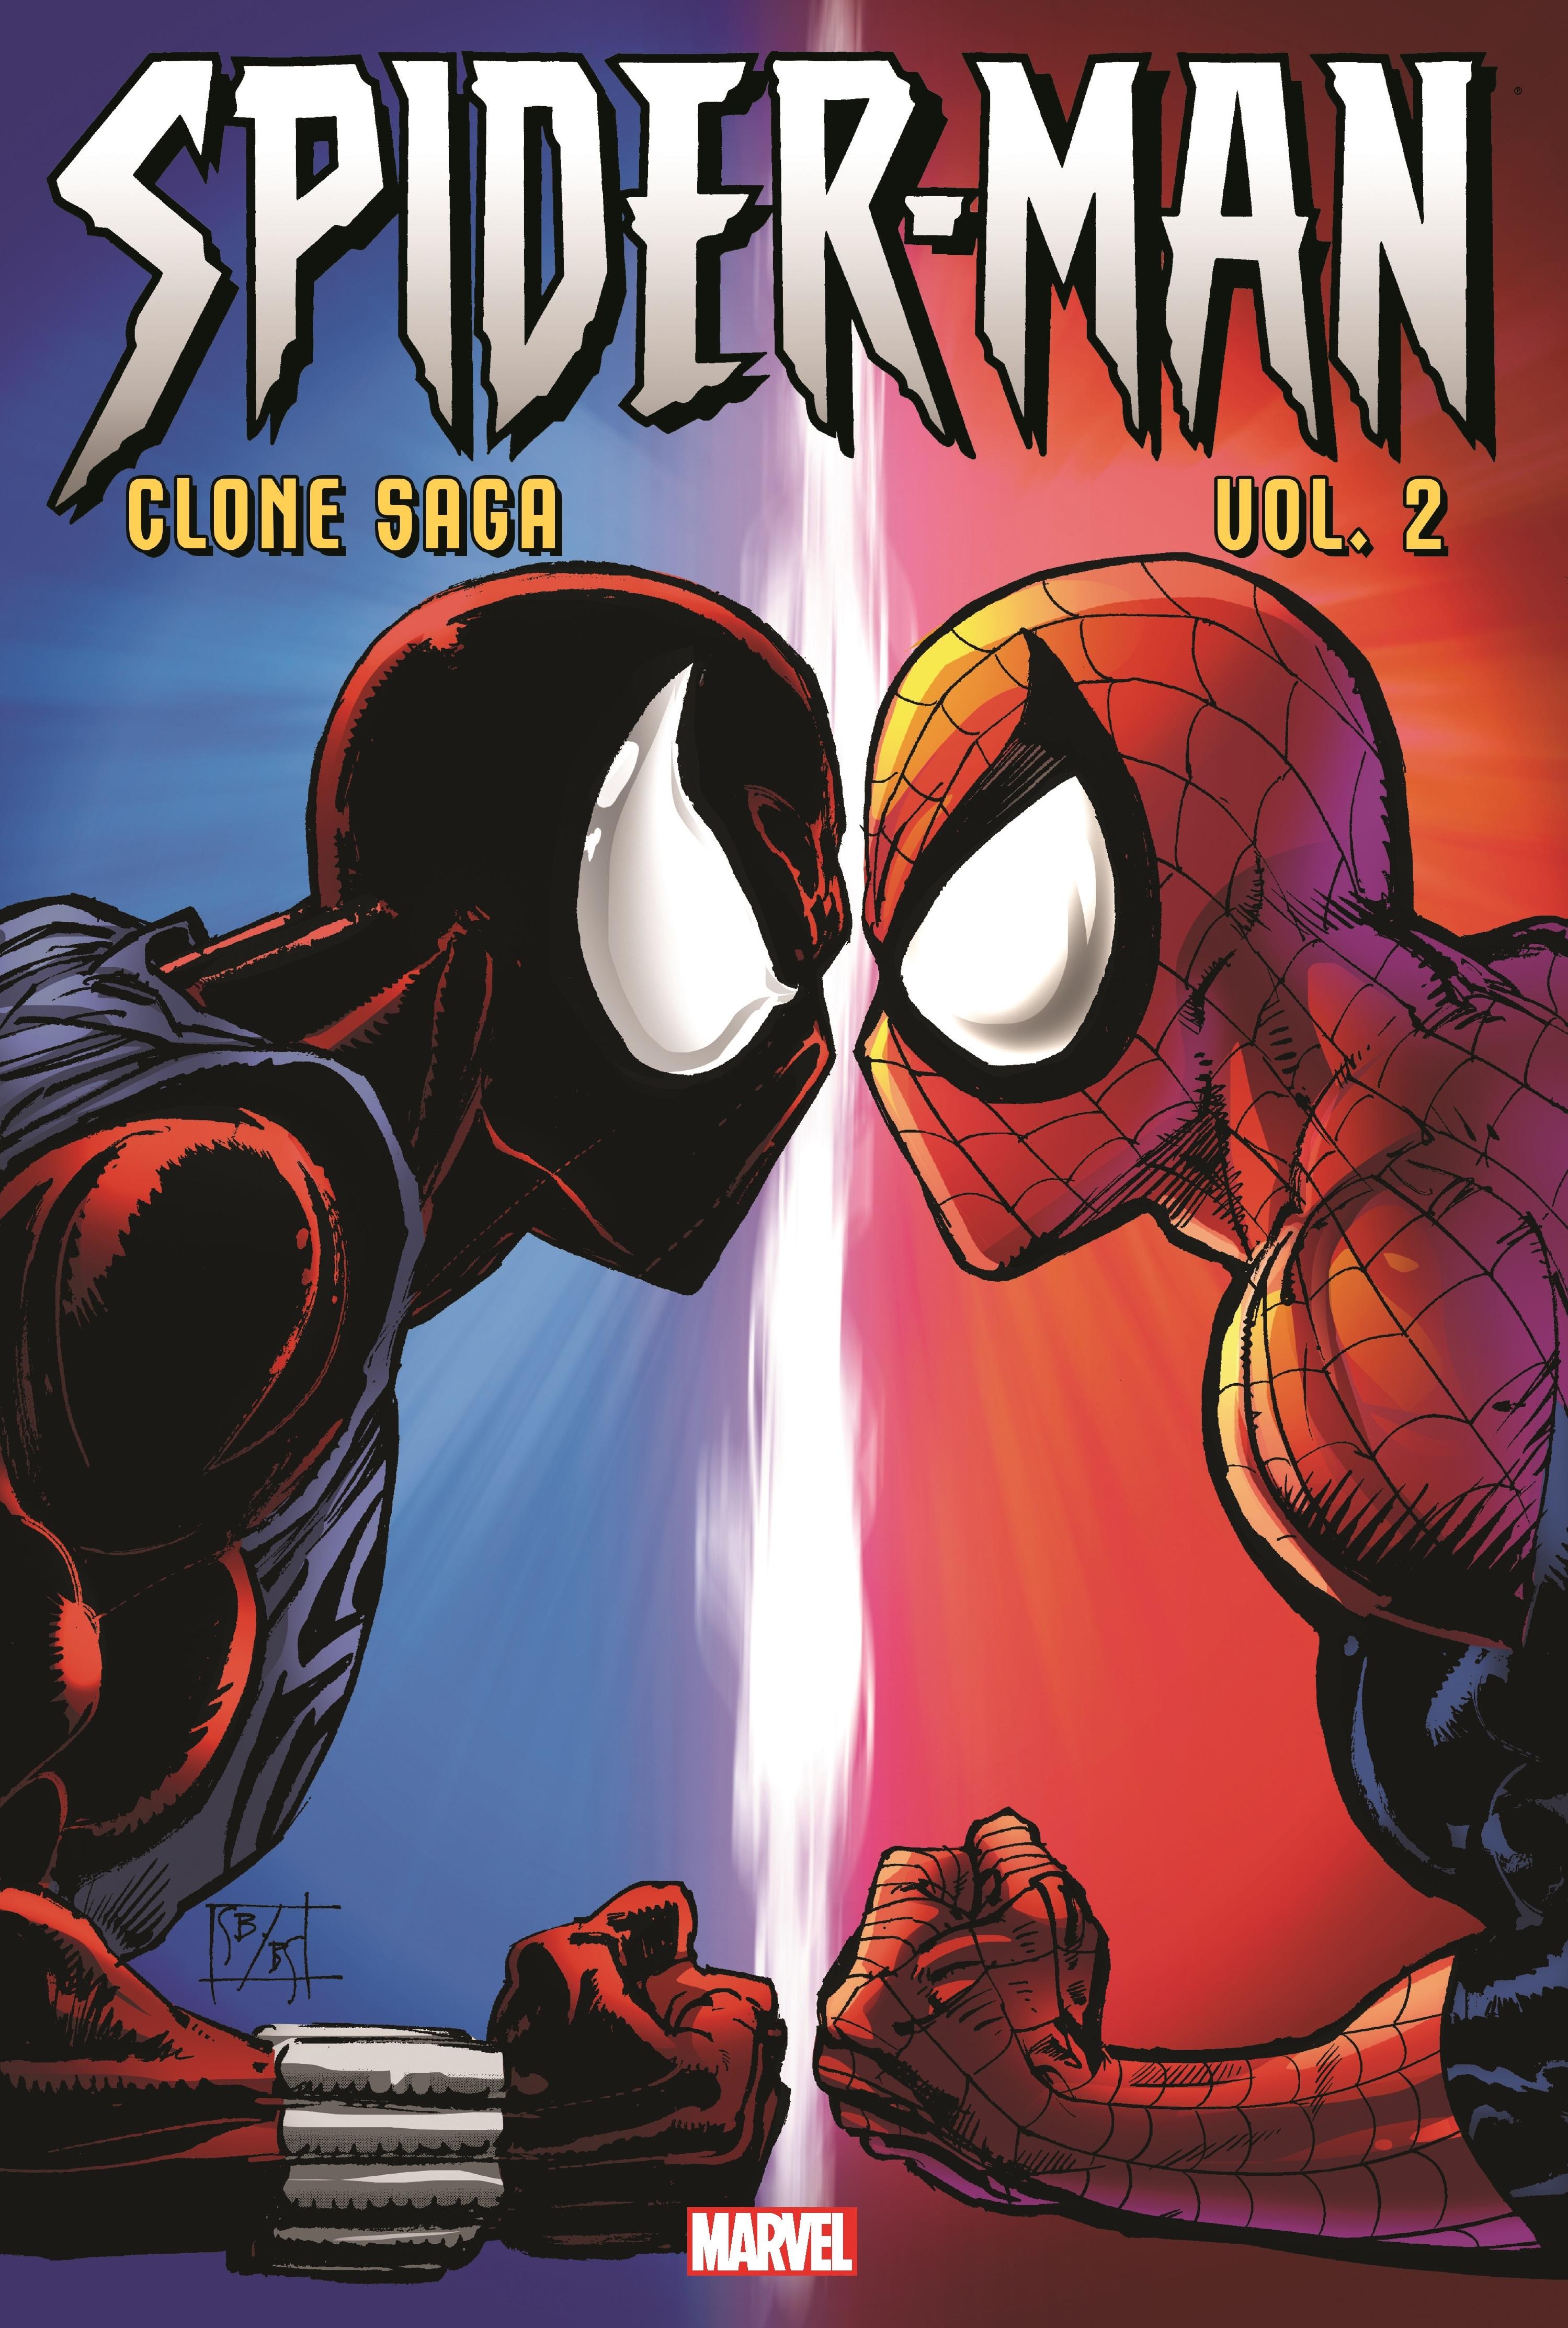 Spider-Man: Clone Saga Omnibus Vol. 2 (Hardcover)